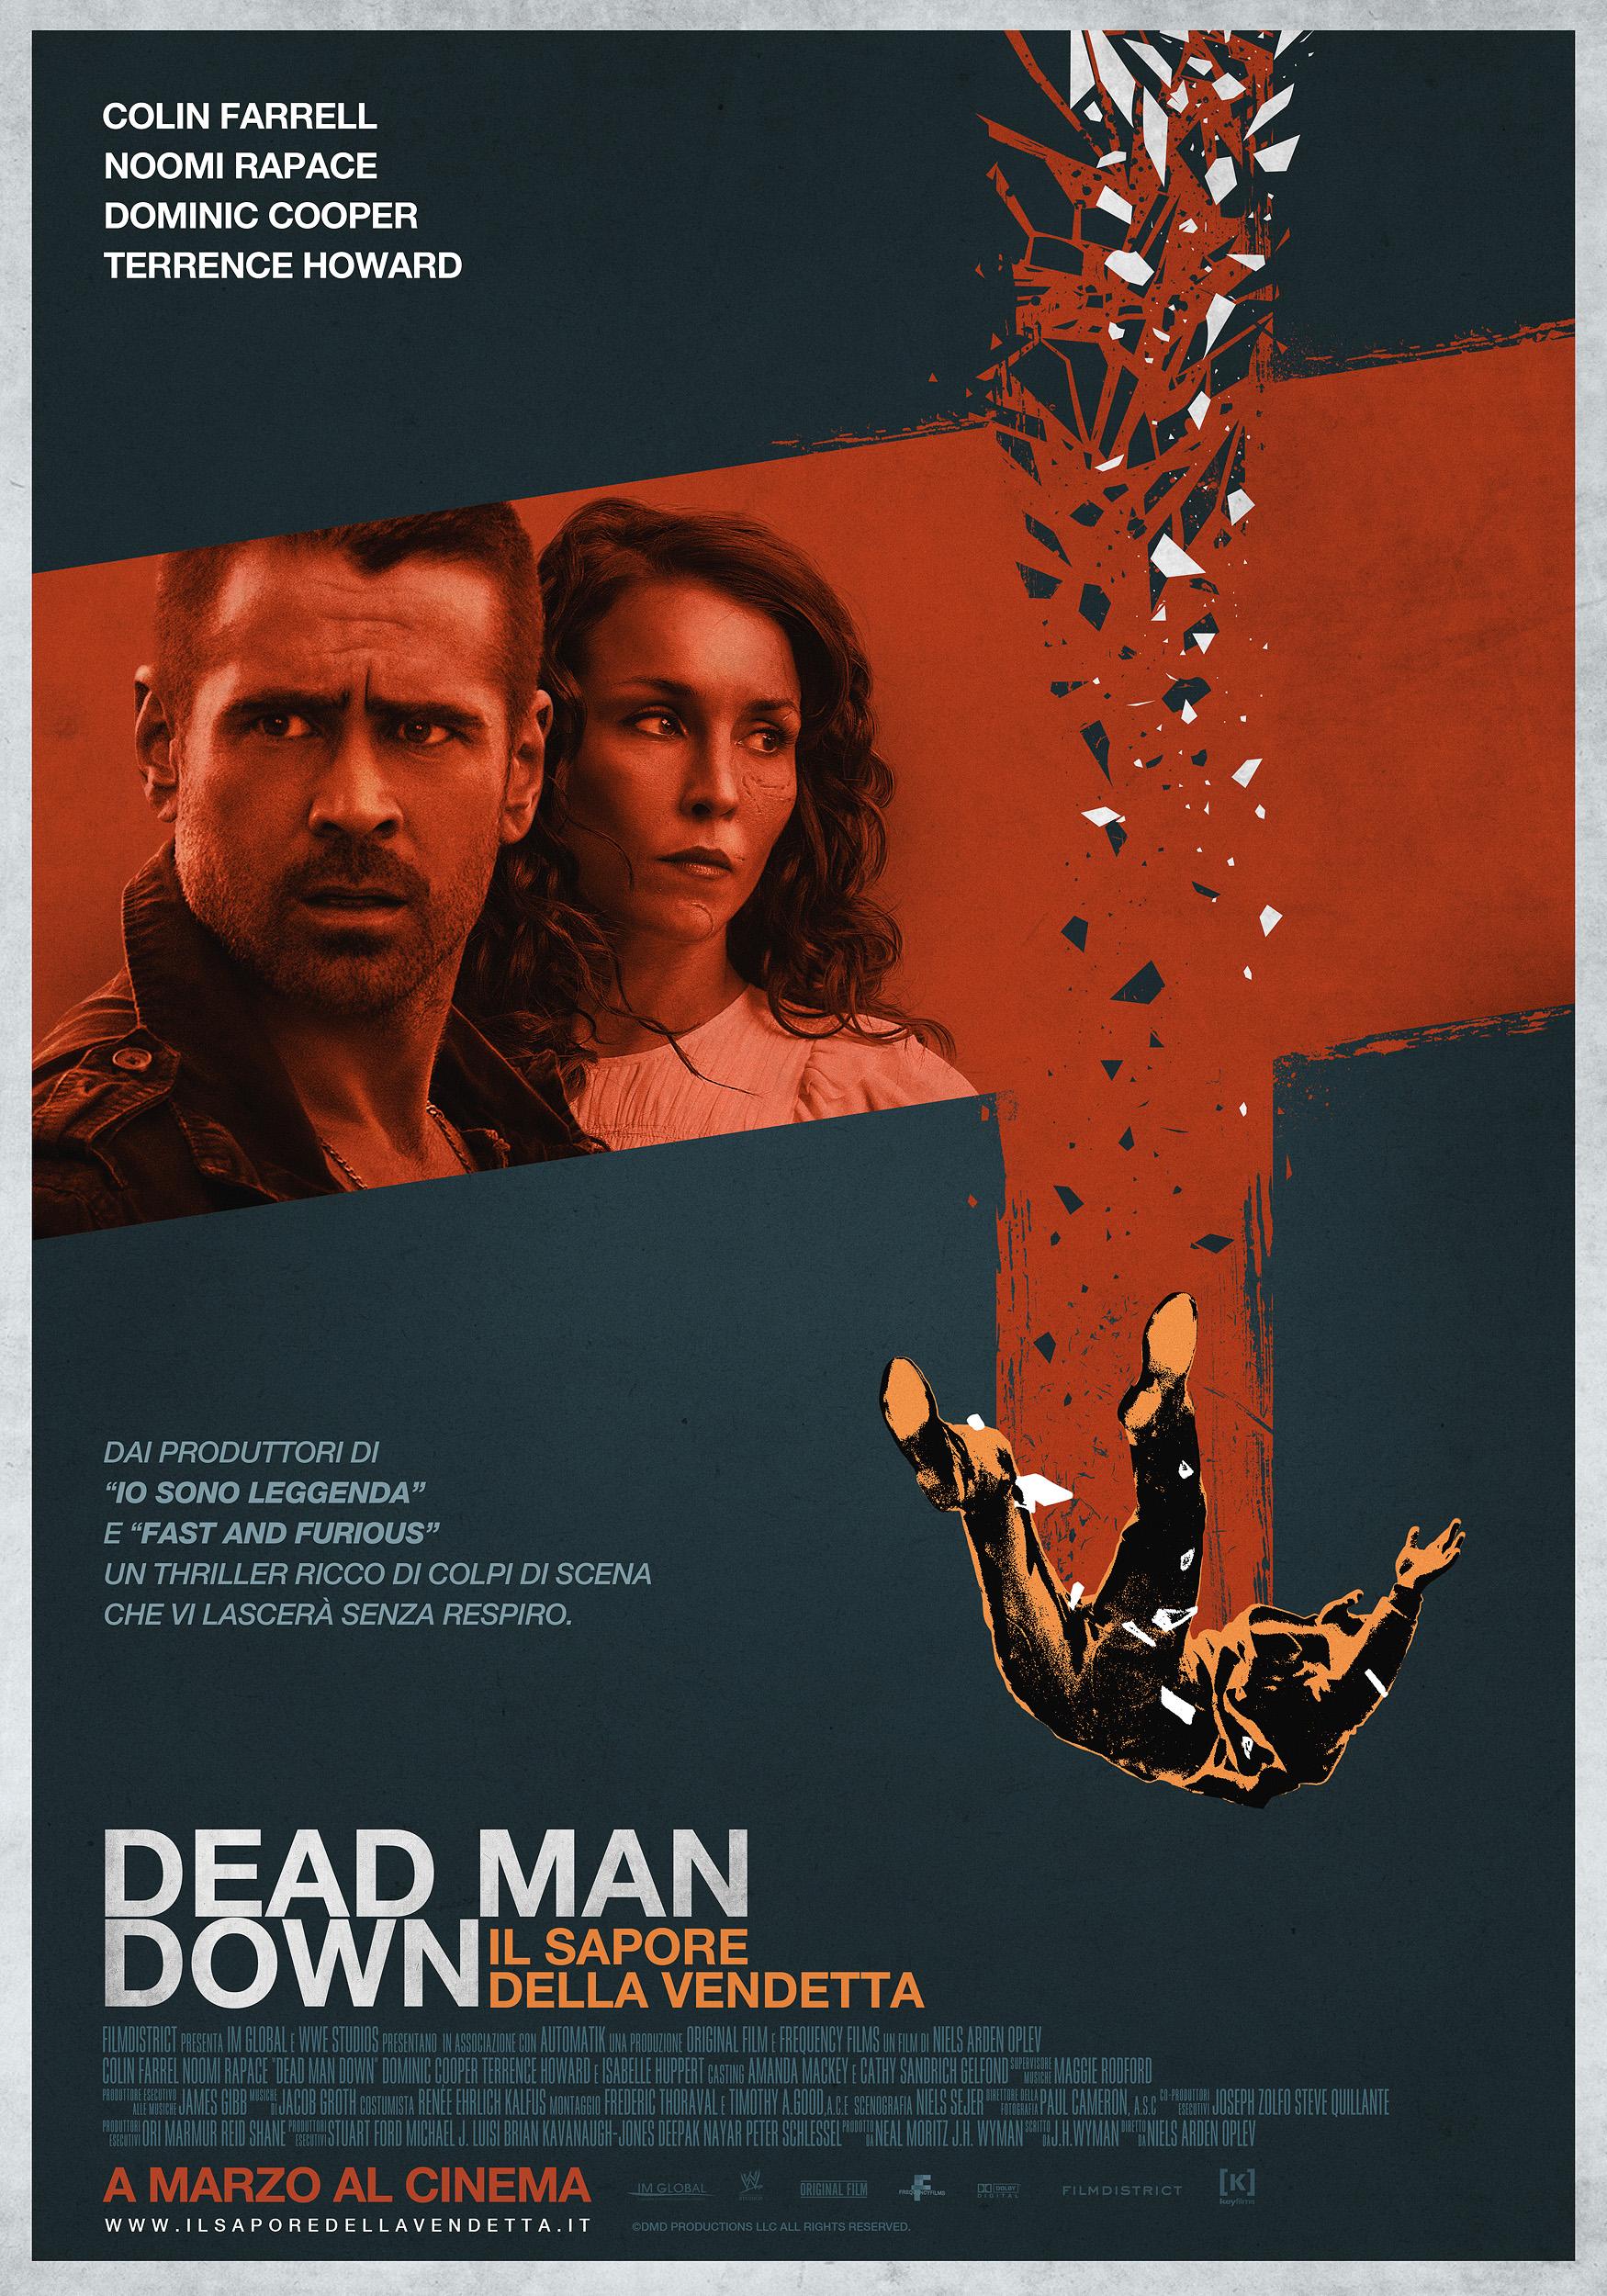 dead_man_dan___il_sapore_della_vendetta_by_medusone-d5vd1kl